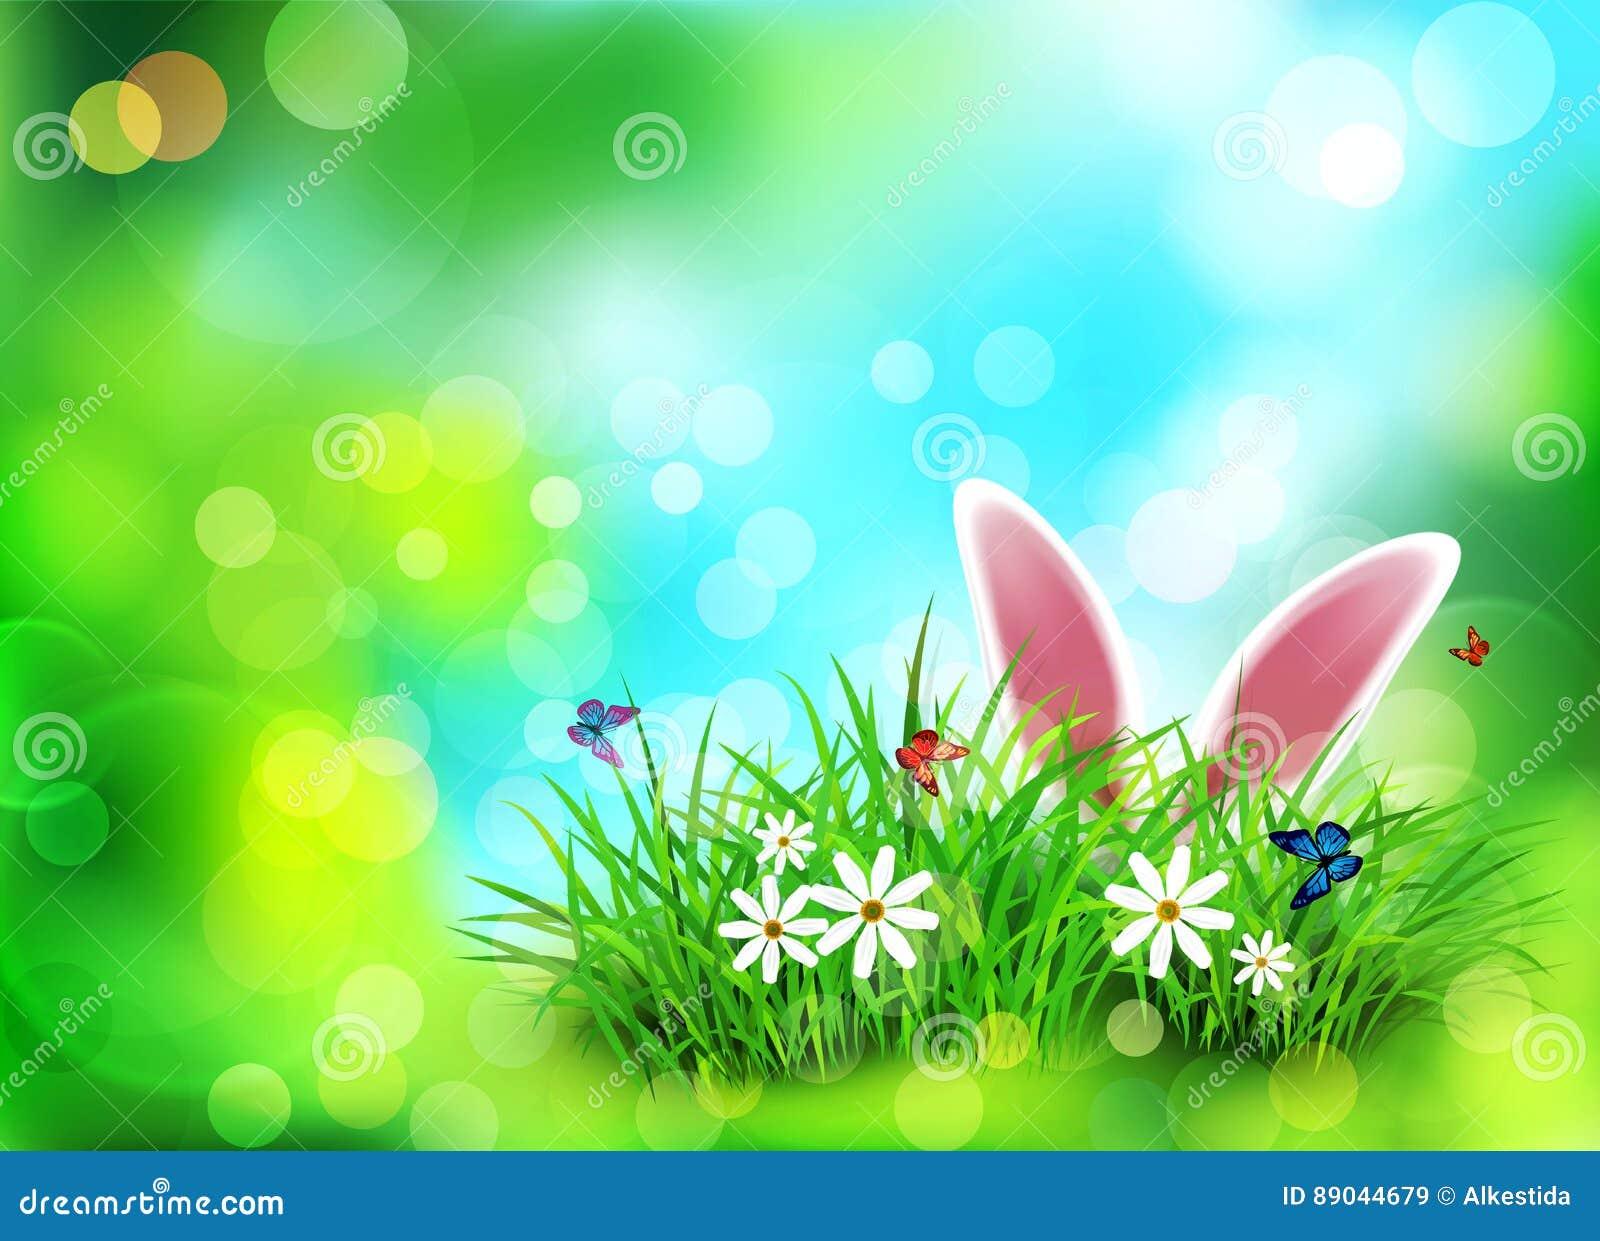 spedizione gratuita rivenditore online stile moderno Fondo Di Vettore Per Pasqua Mascherina Orecchie Di Coniglio ...